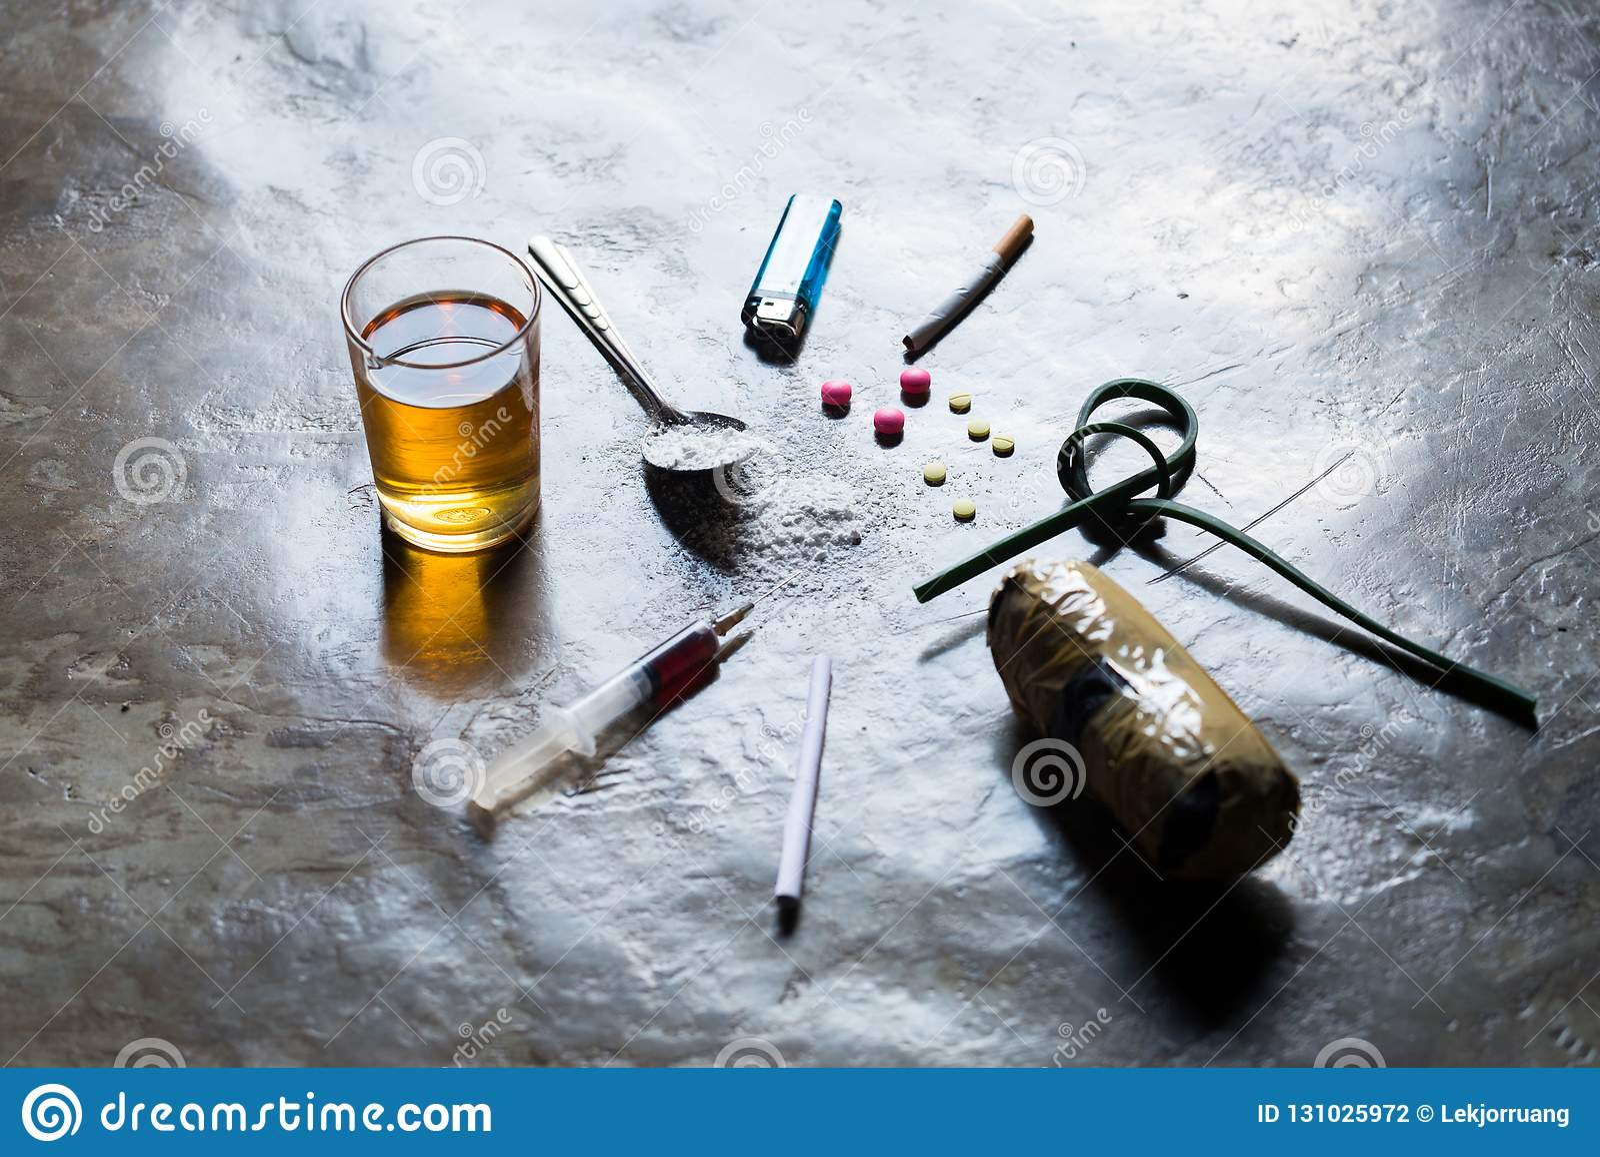 Drogas de diversas clases y de cráneos humanos en el piso, colección